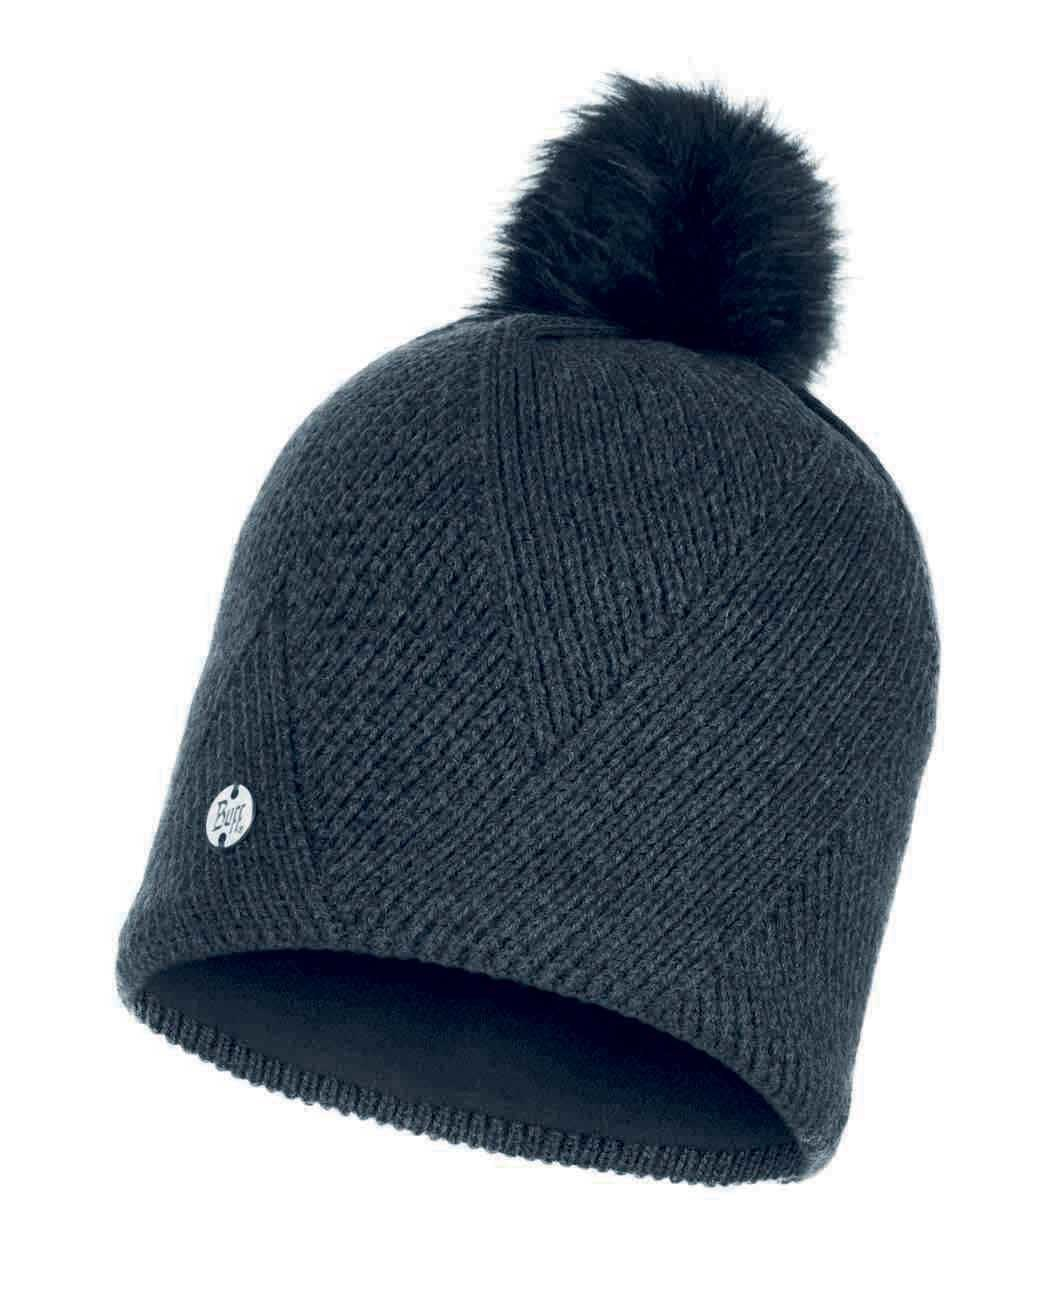 Шапки с помпоном Вязаная шапка с флисовой подкладкой Buff Hat Knitted Polar Disa Black 117869.999.10.00.jpg